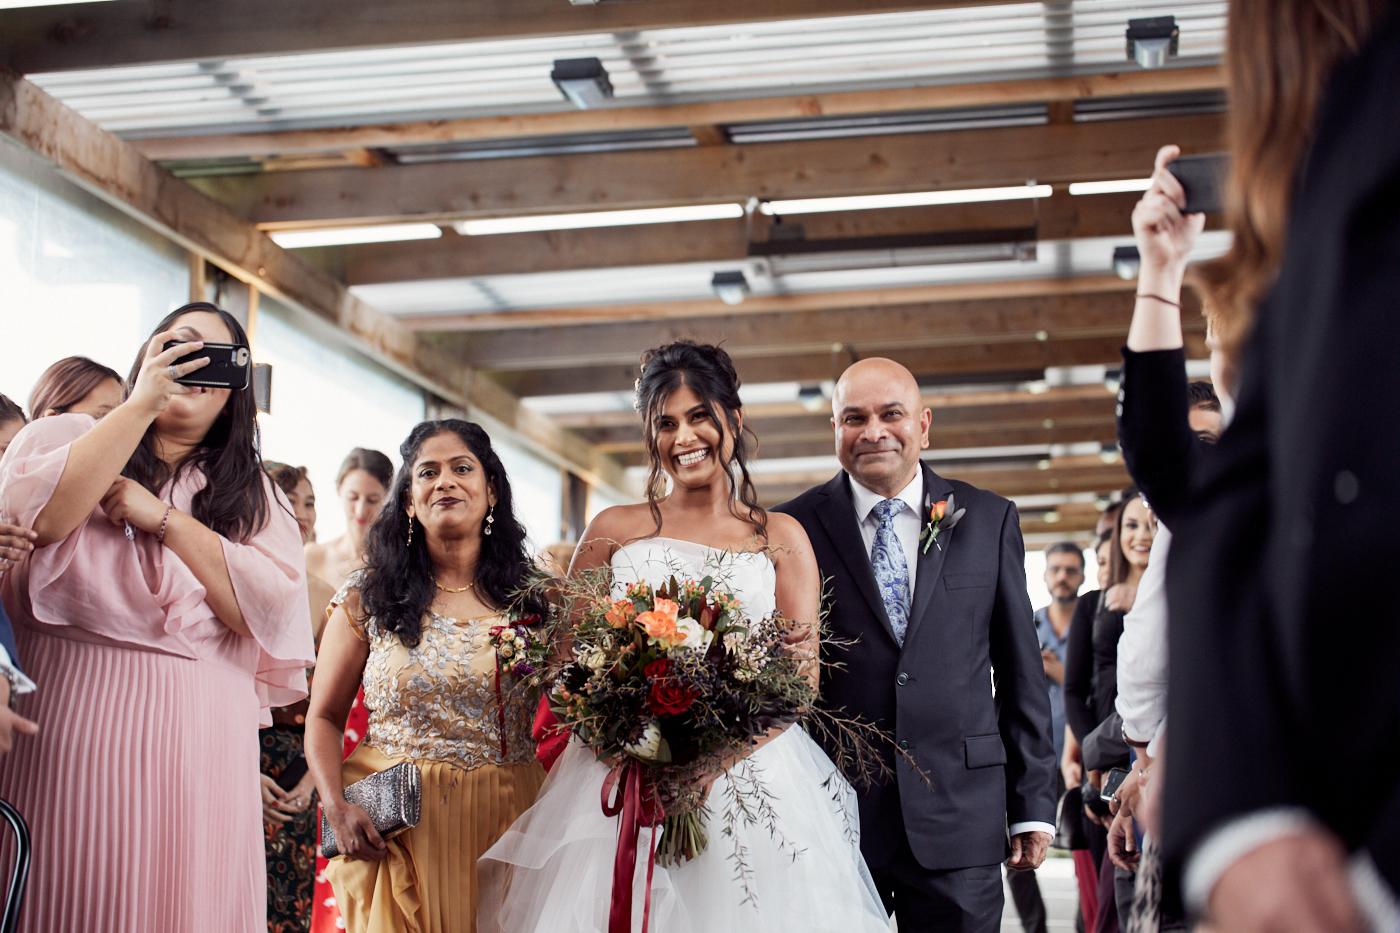 Bride sees her groom